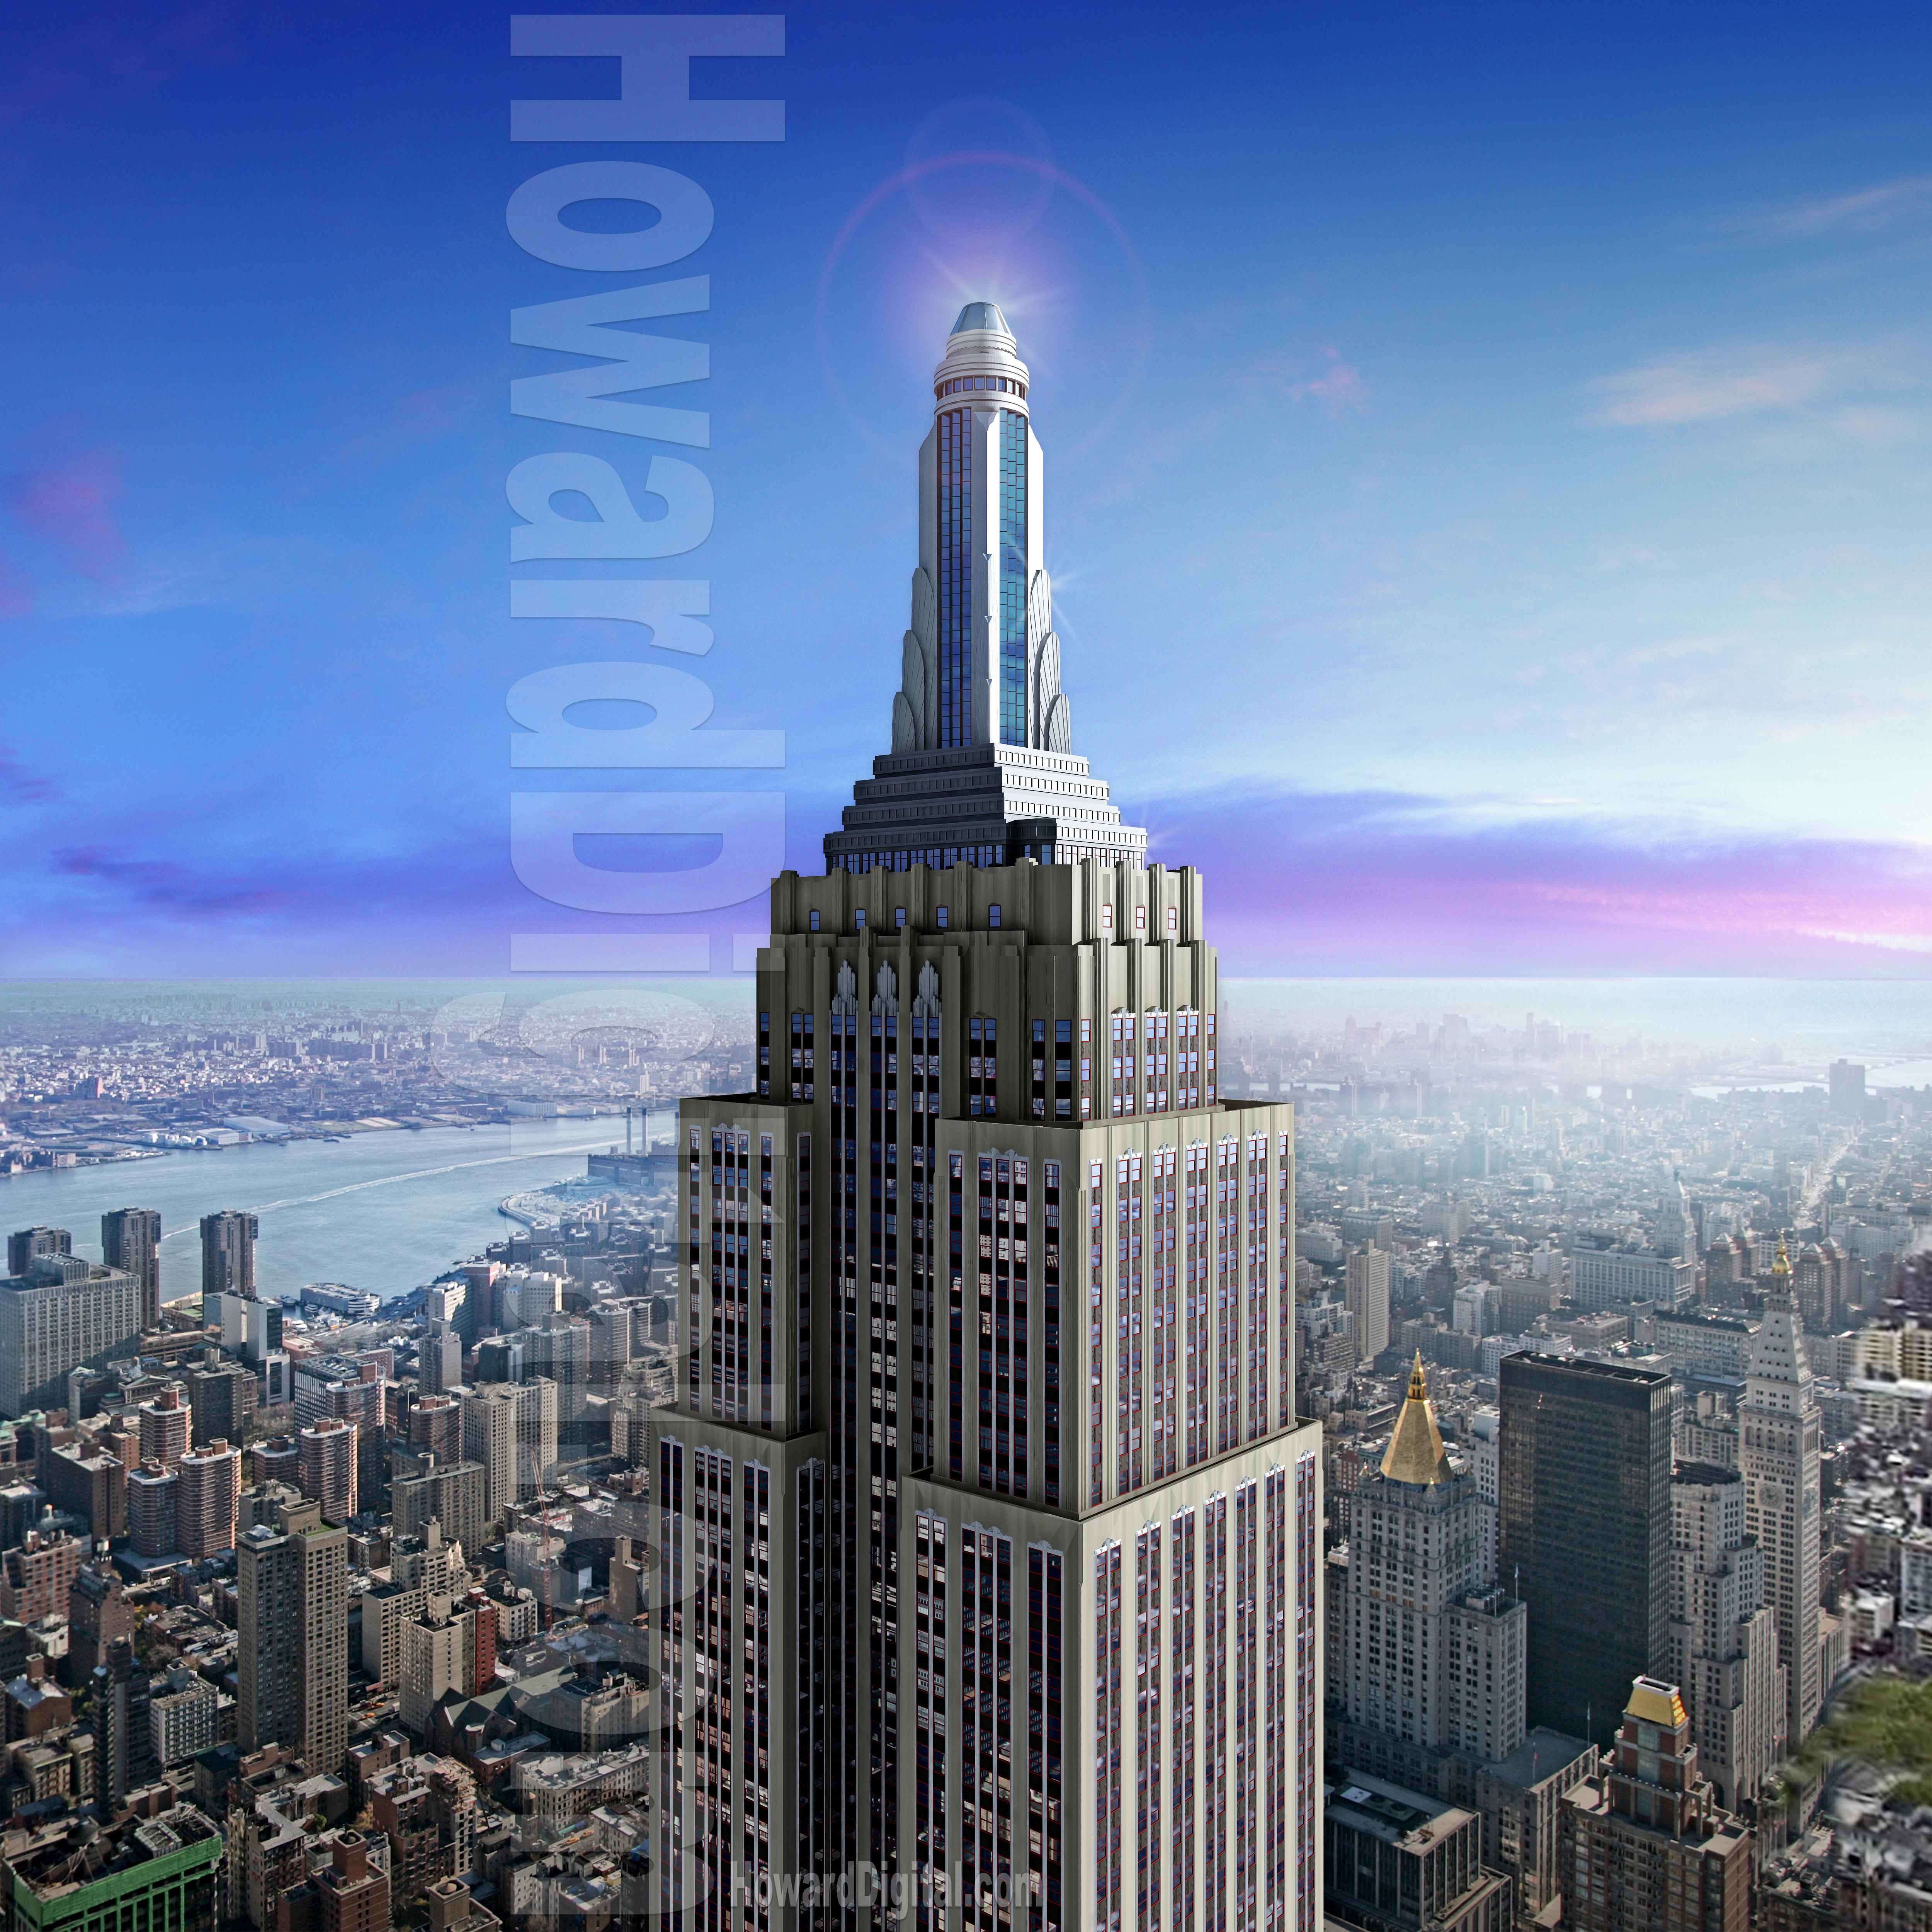 state building Recomendaciones para visitar el empire state, joya del art decó icono de nueva york cómo llegar, qué ver, qué hacer, descuentos.